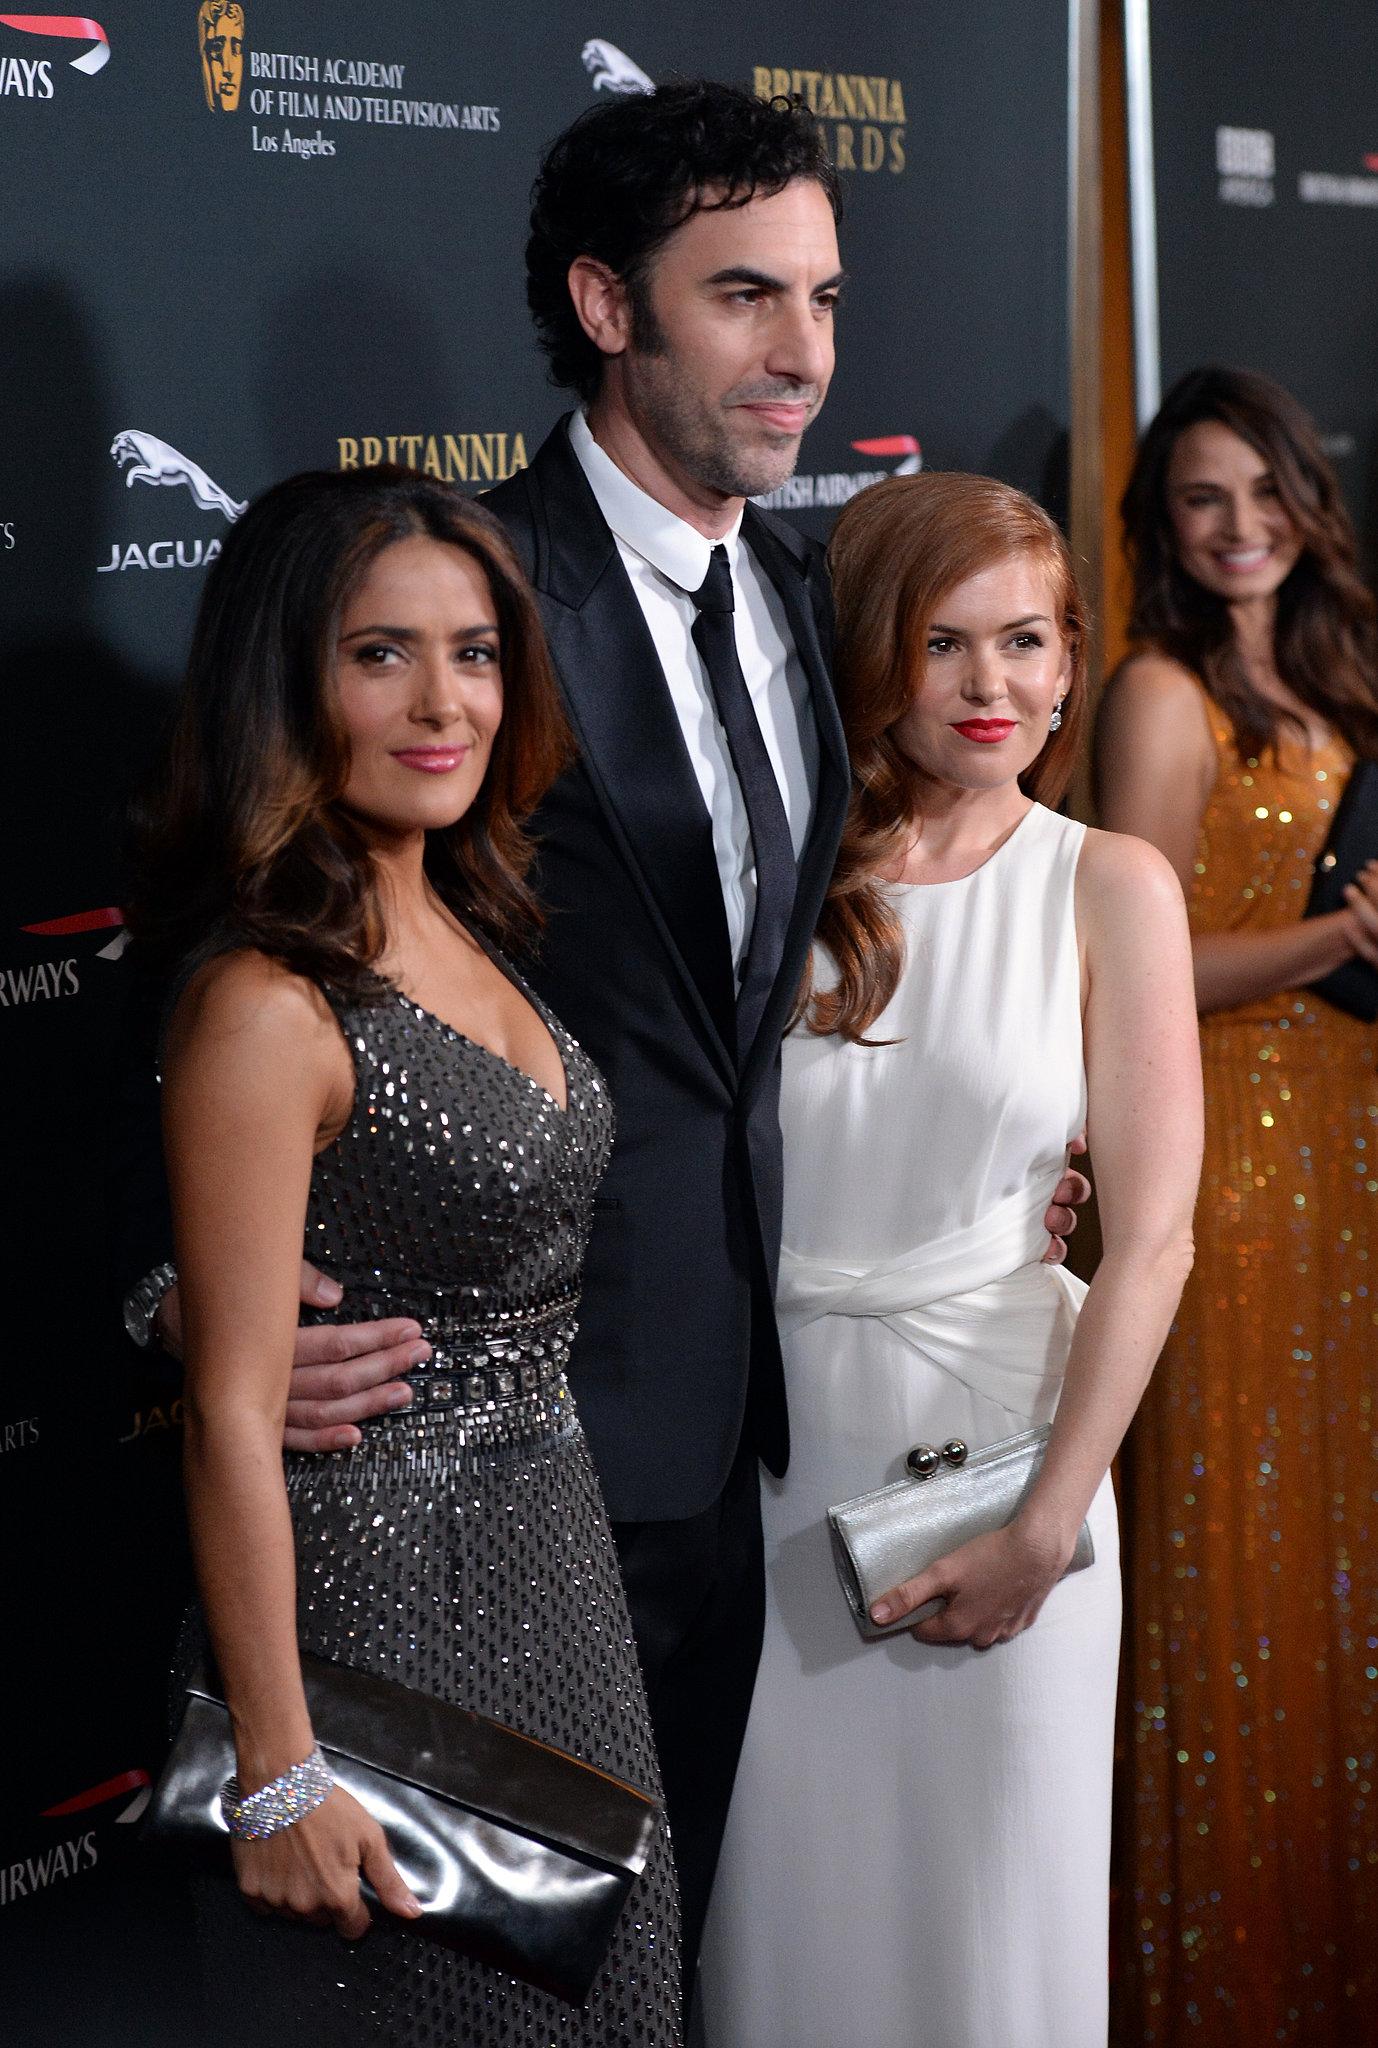 Sacha Baron Cohen posed with Salma Hayek and his wife ...Sacha Baron Cohen Wife